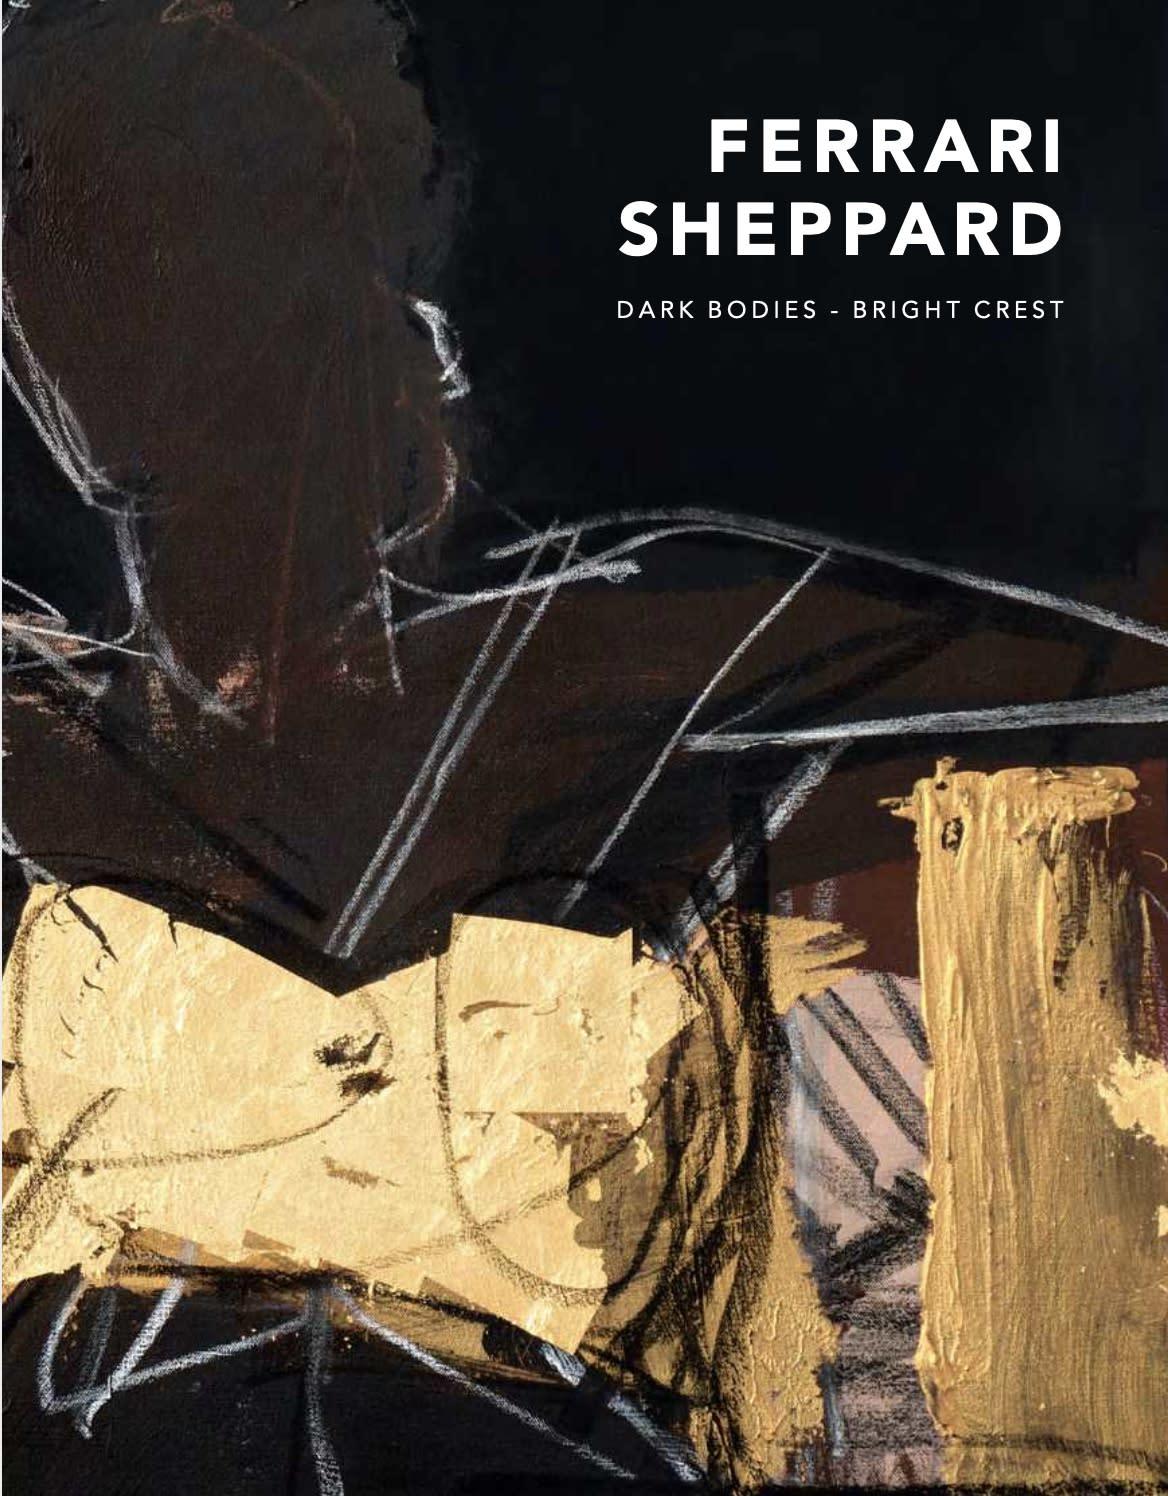 Ferrari Sheppard